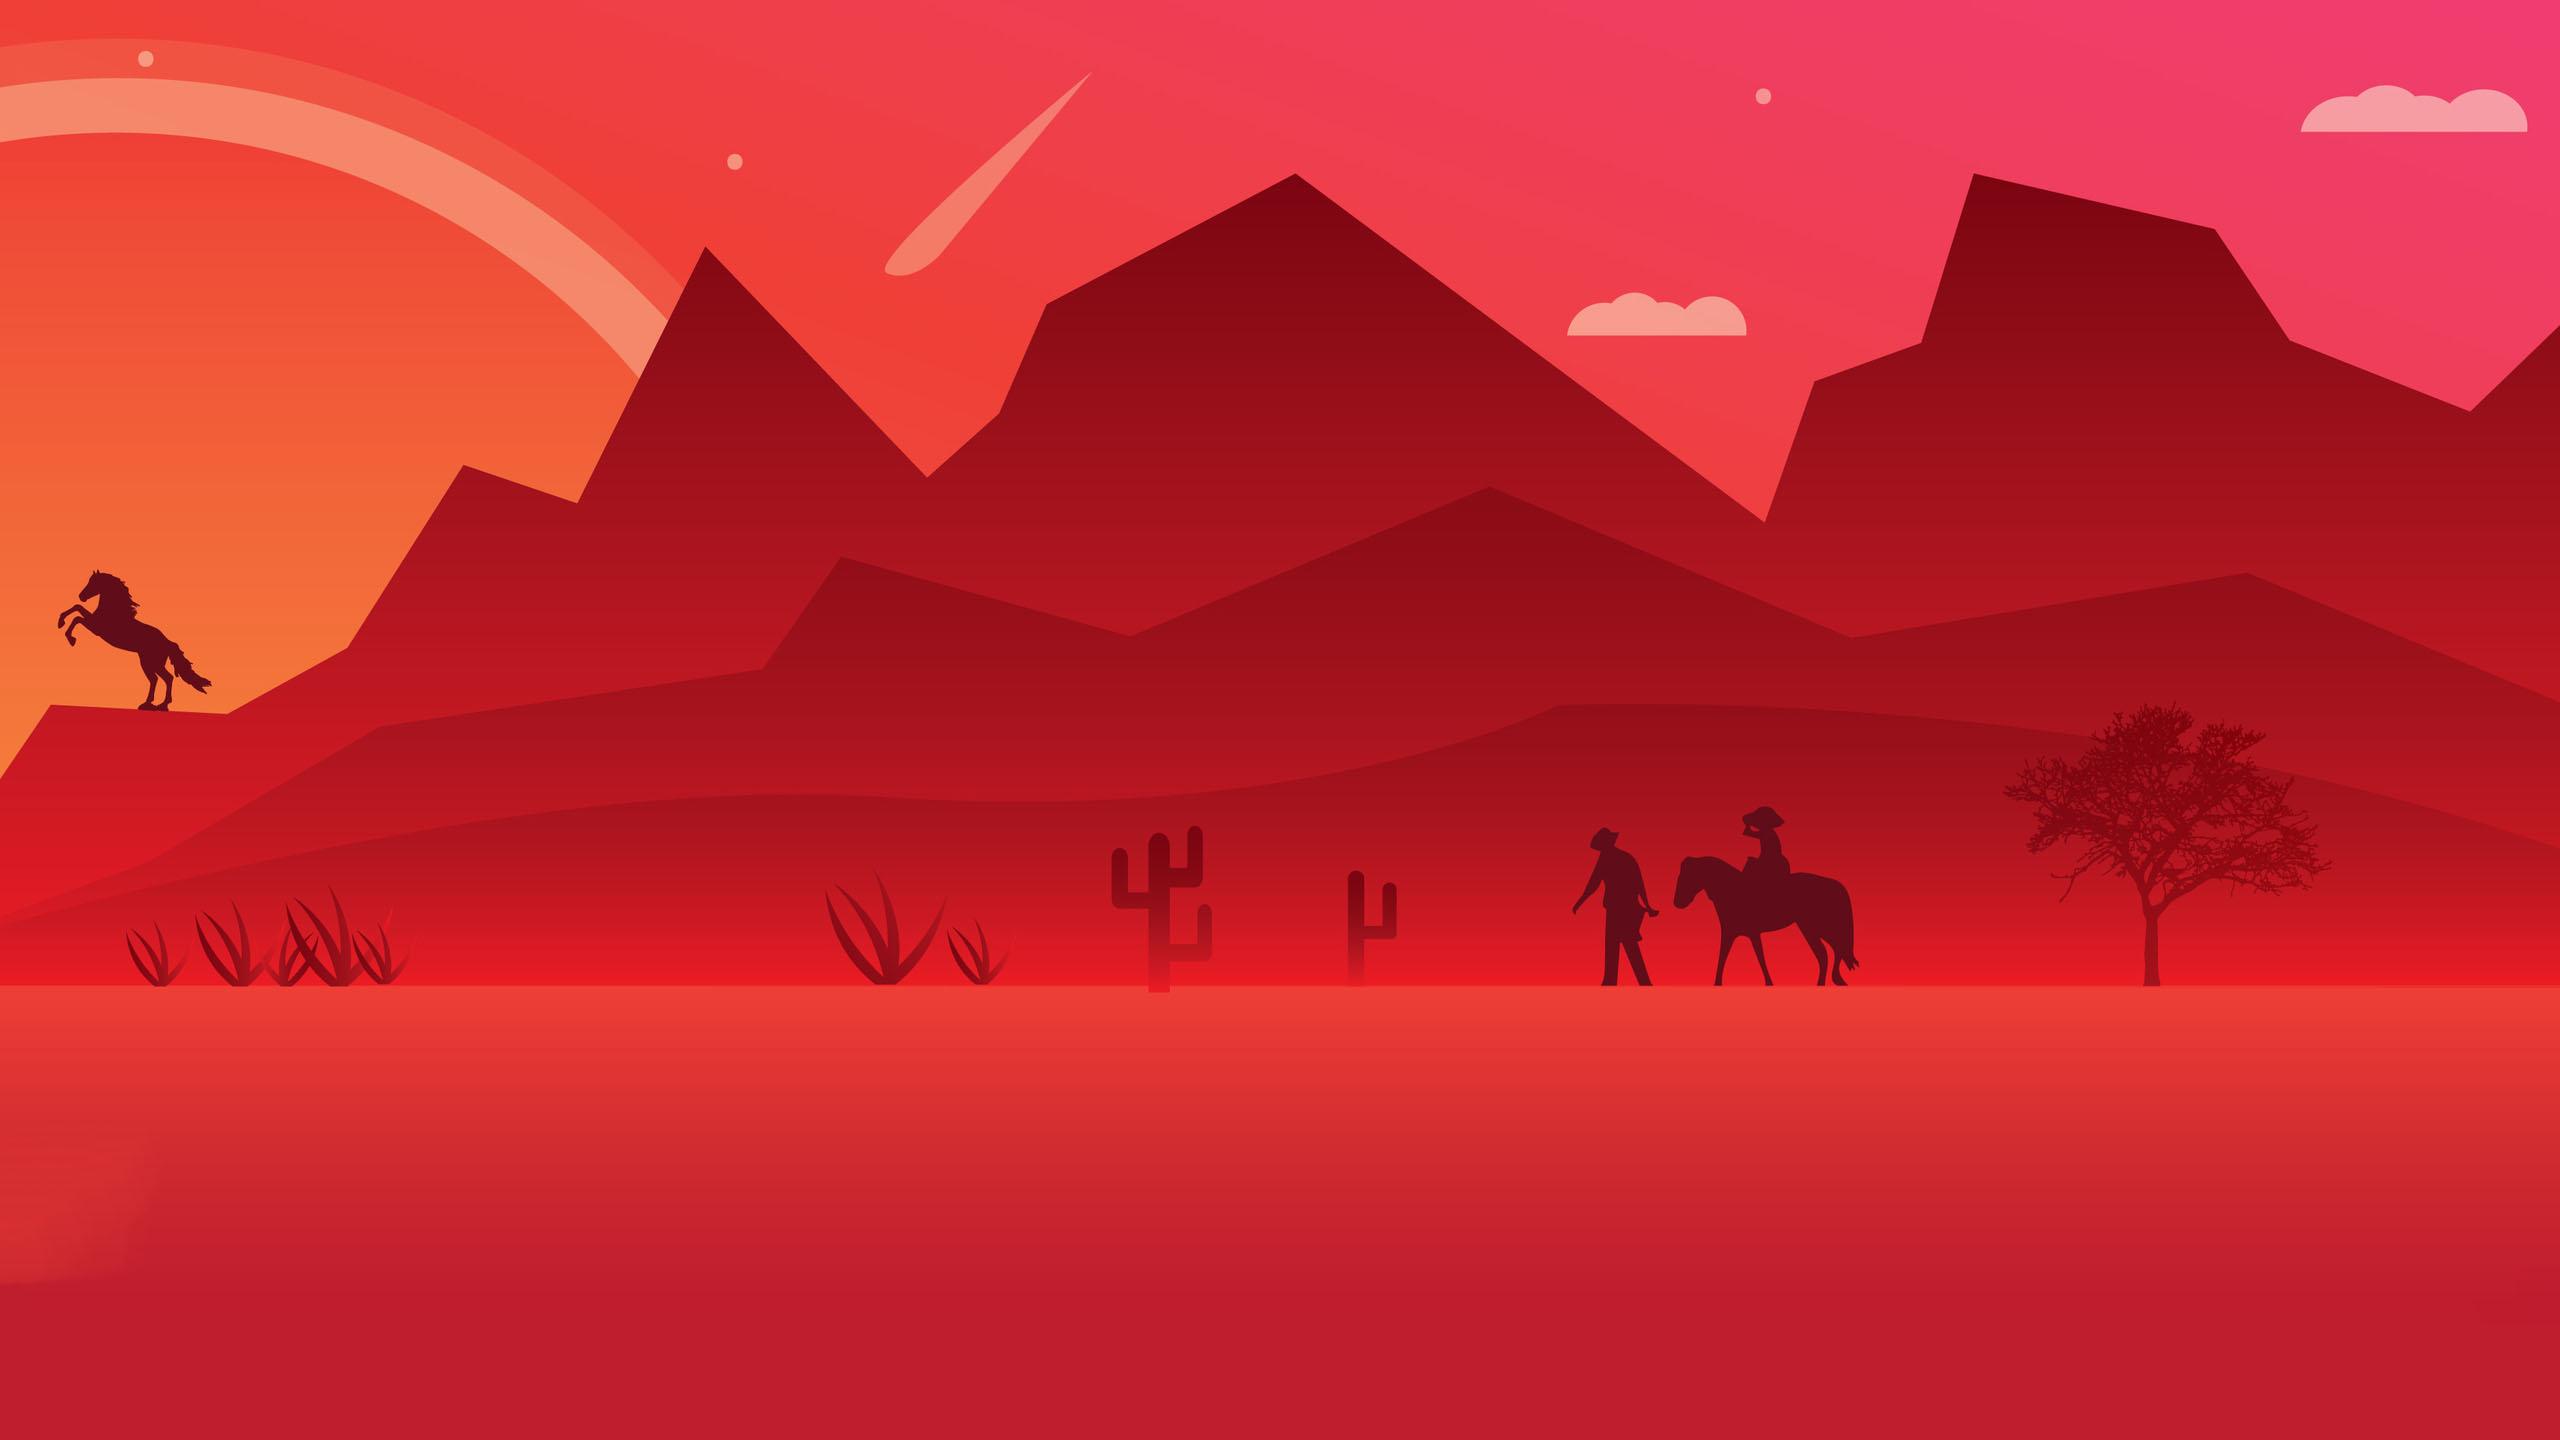 Hình nền 3D màu đỏ